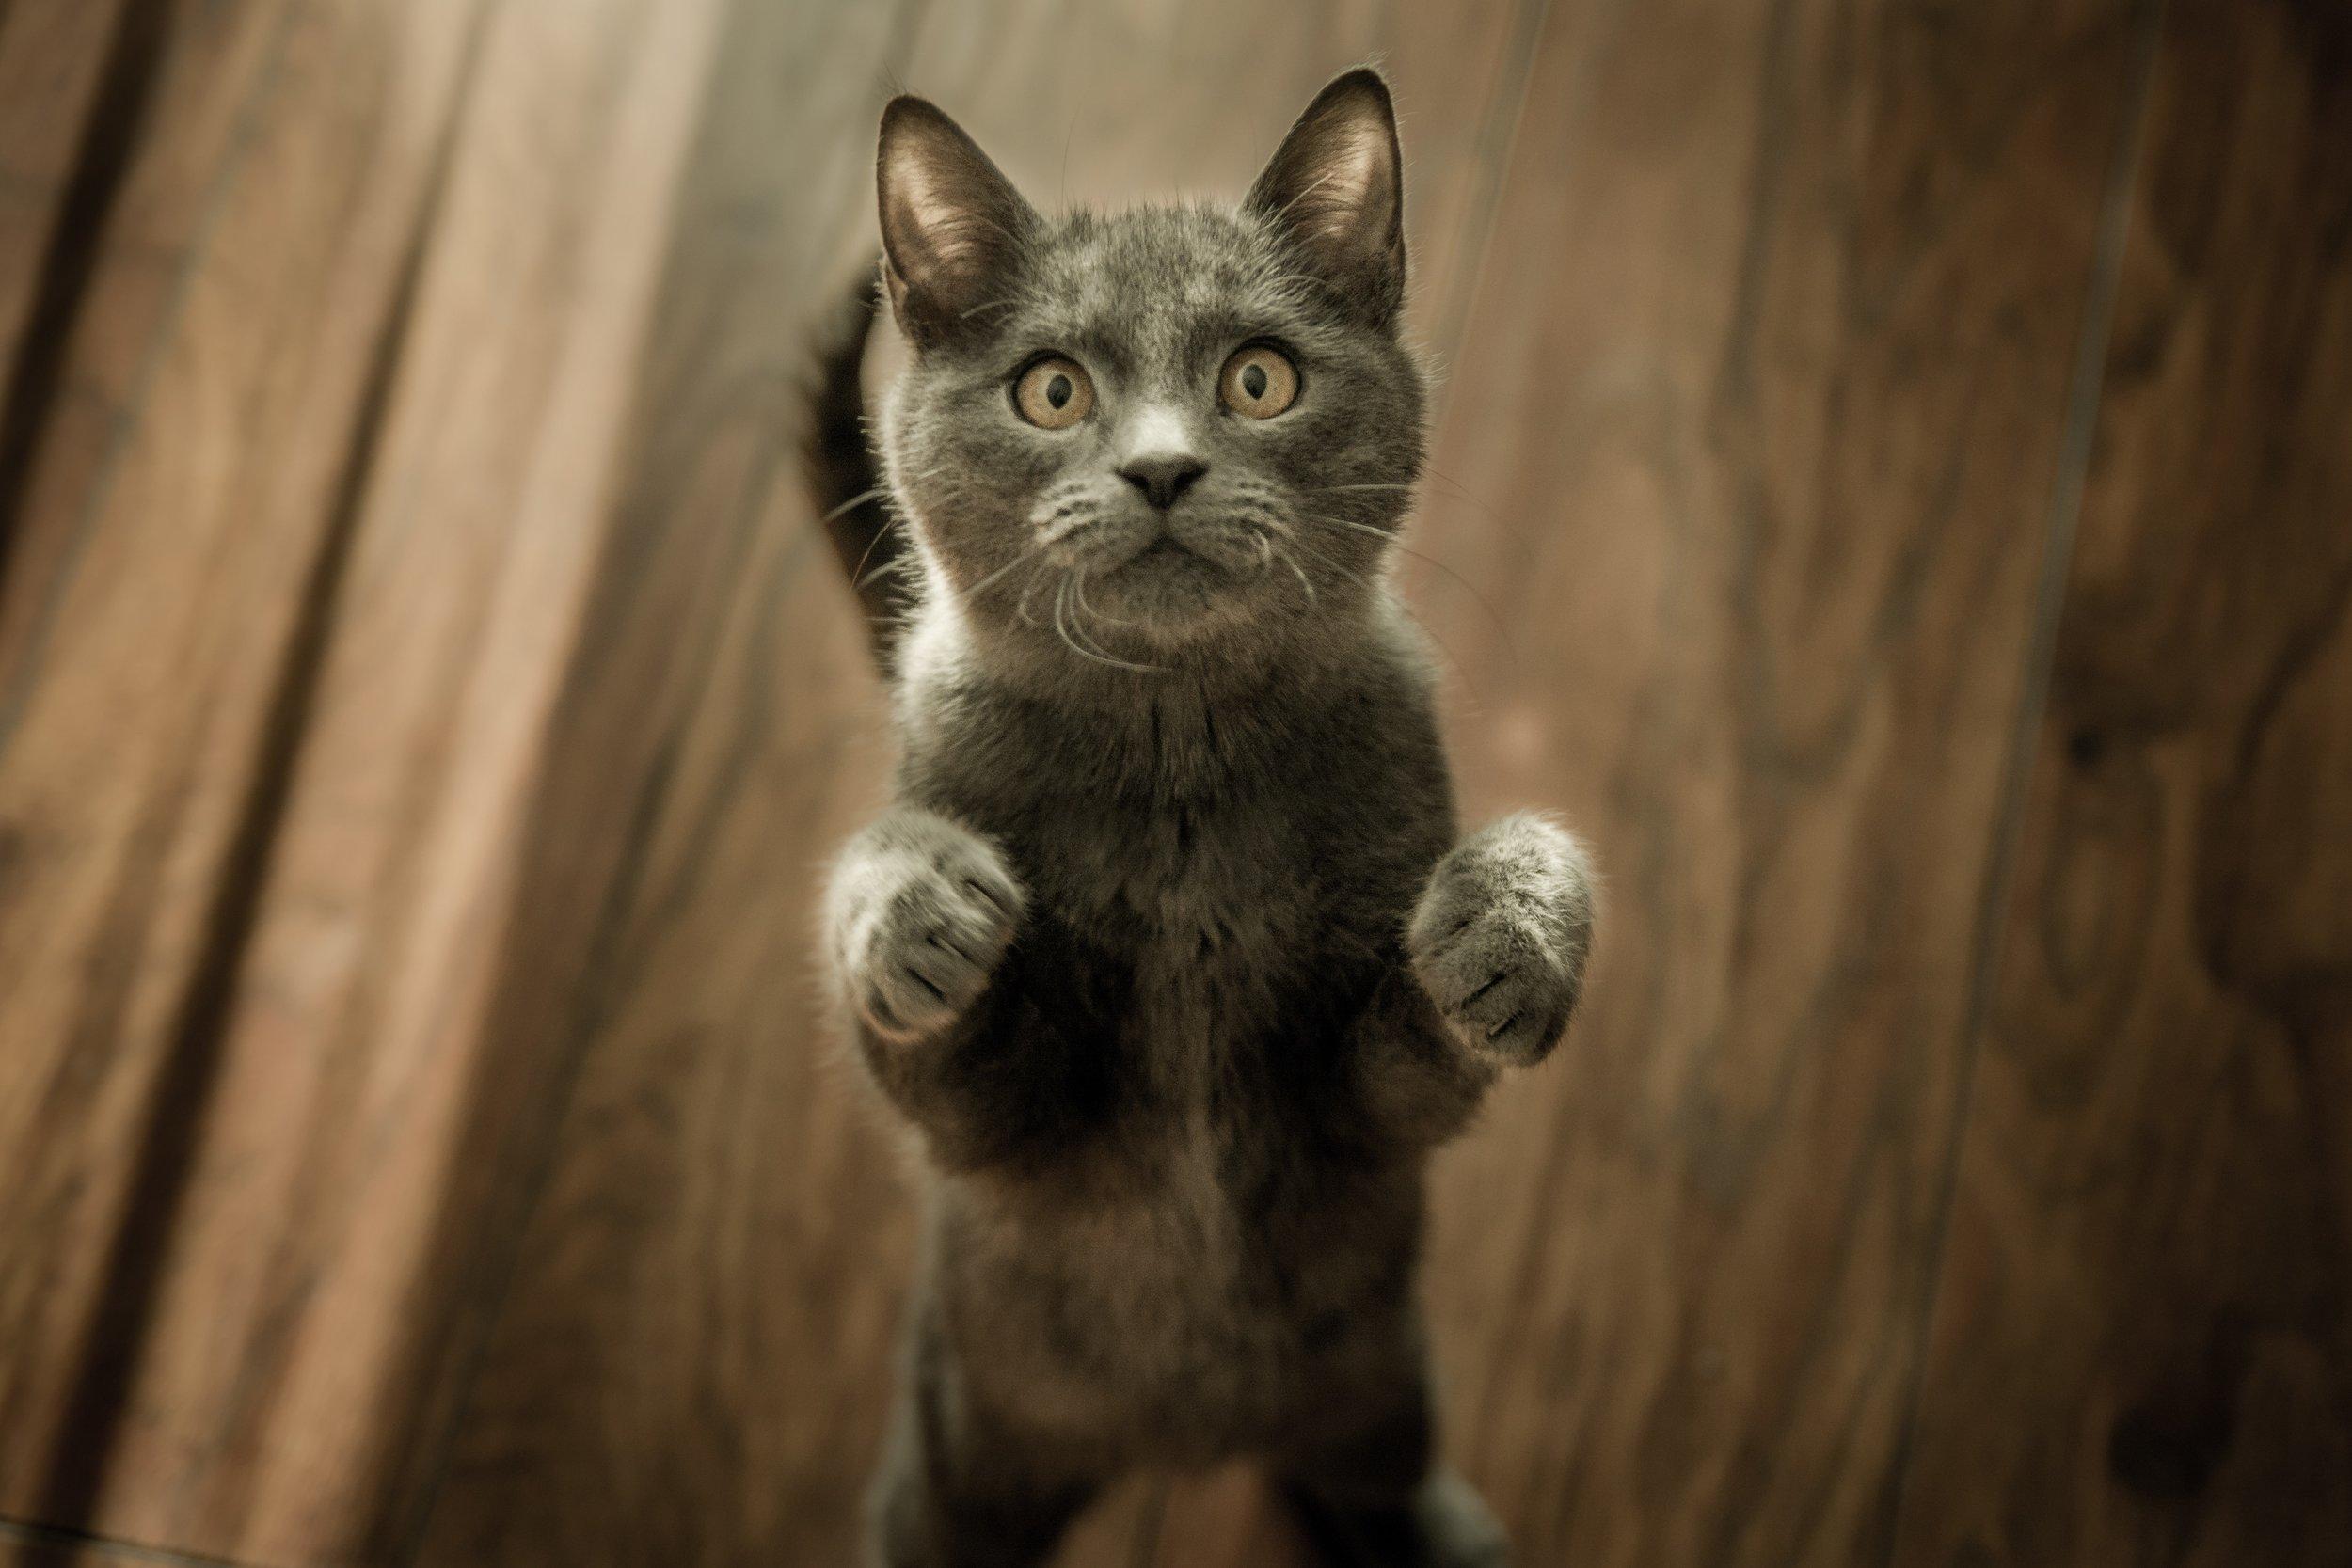 111 adorable-animal-animal-photography-774731.jpg